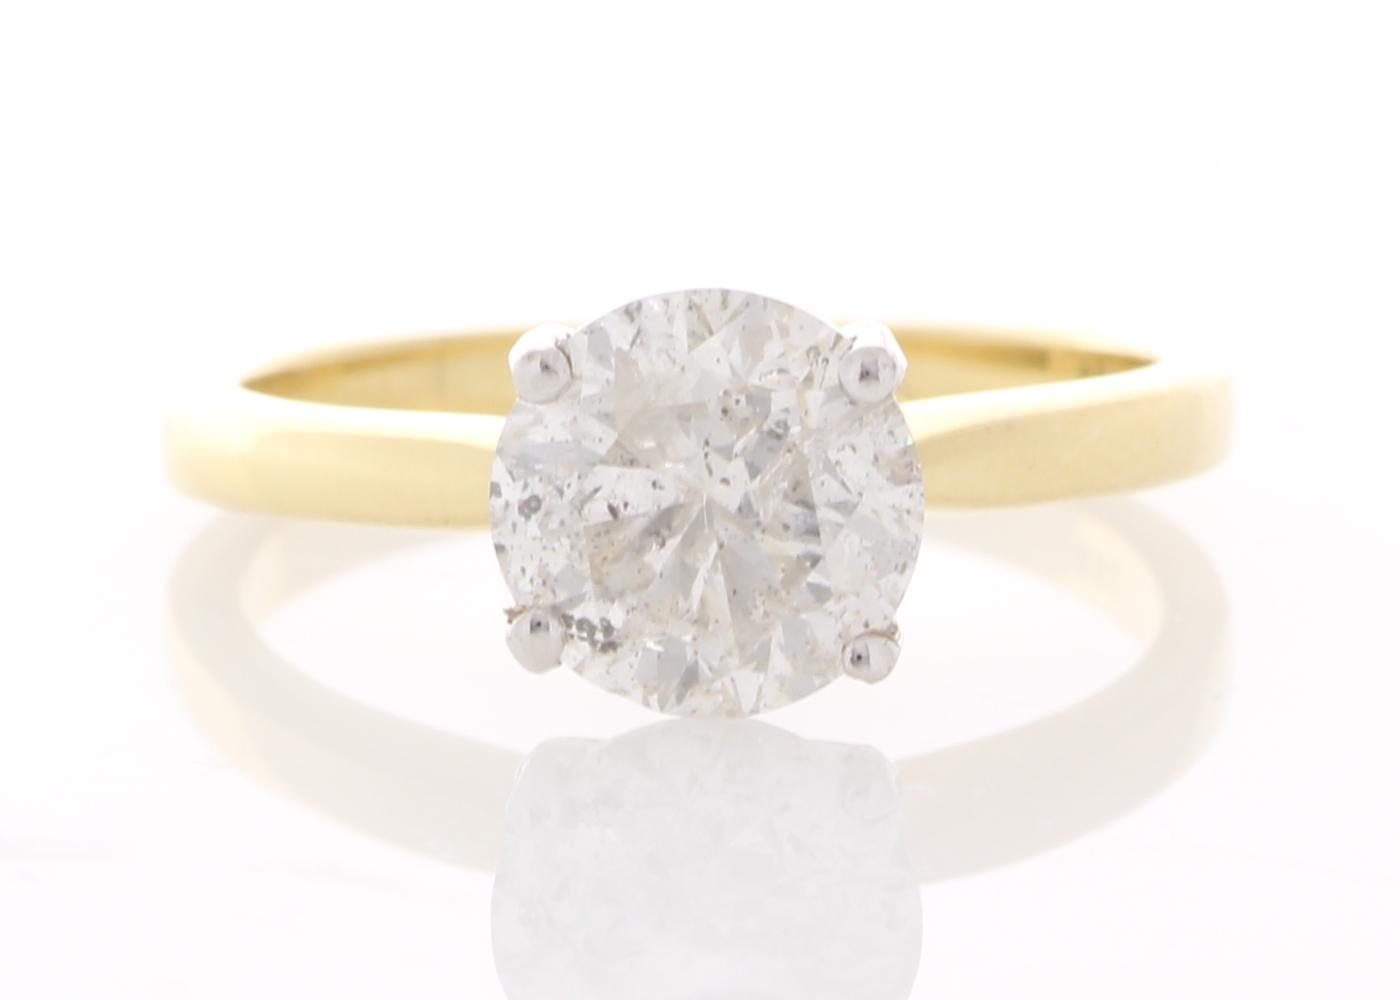 18ct Yellow Gold Single Stone Prong Set Diamond Ring 2.00 Carats